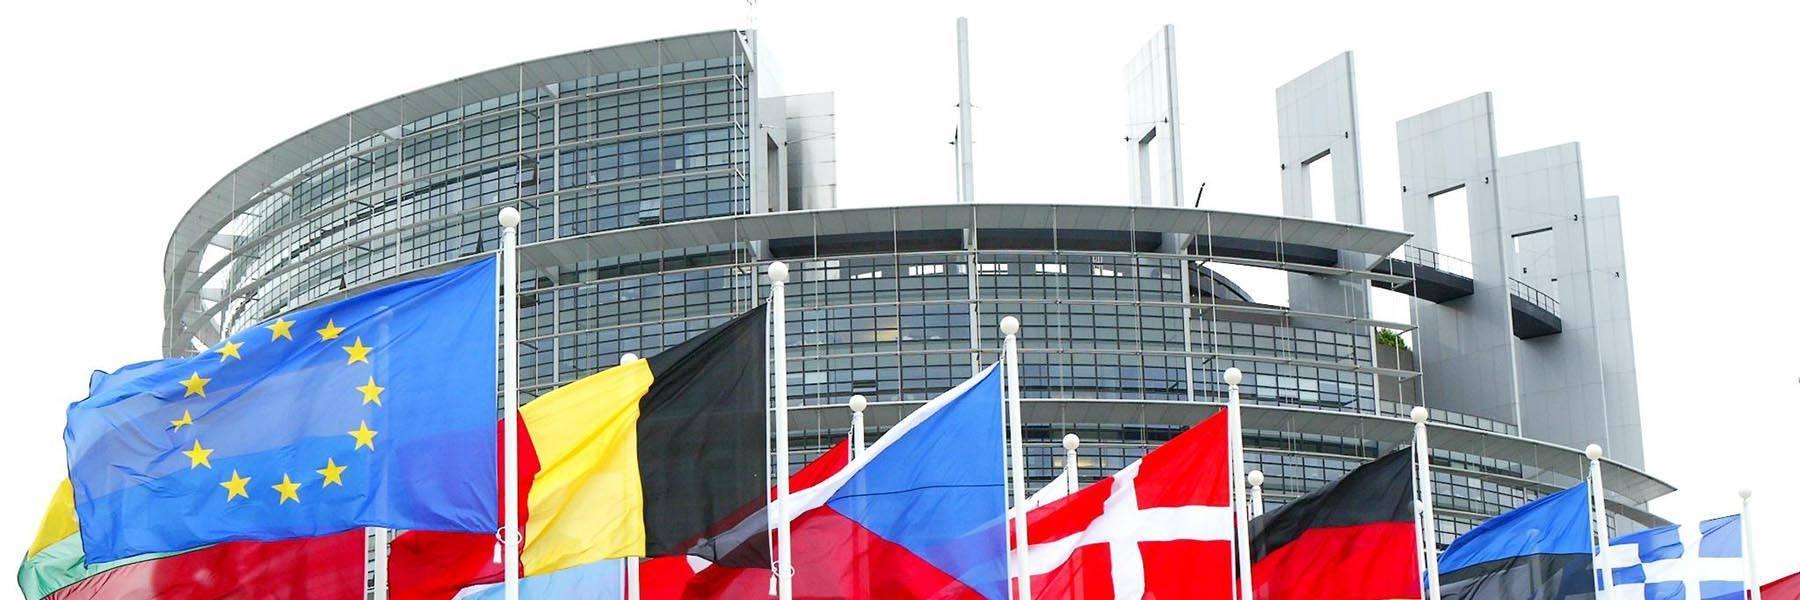 Fondi Europei 2014-2020: <br />ecco tutti i testi <br />dei Programmi Operativi <br />Nazionali e Regionali